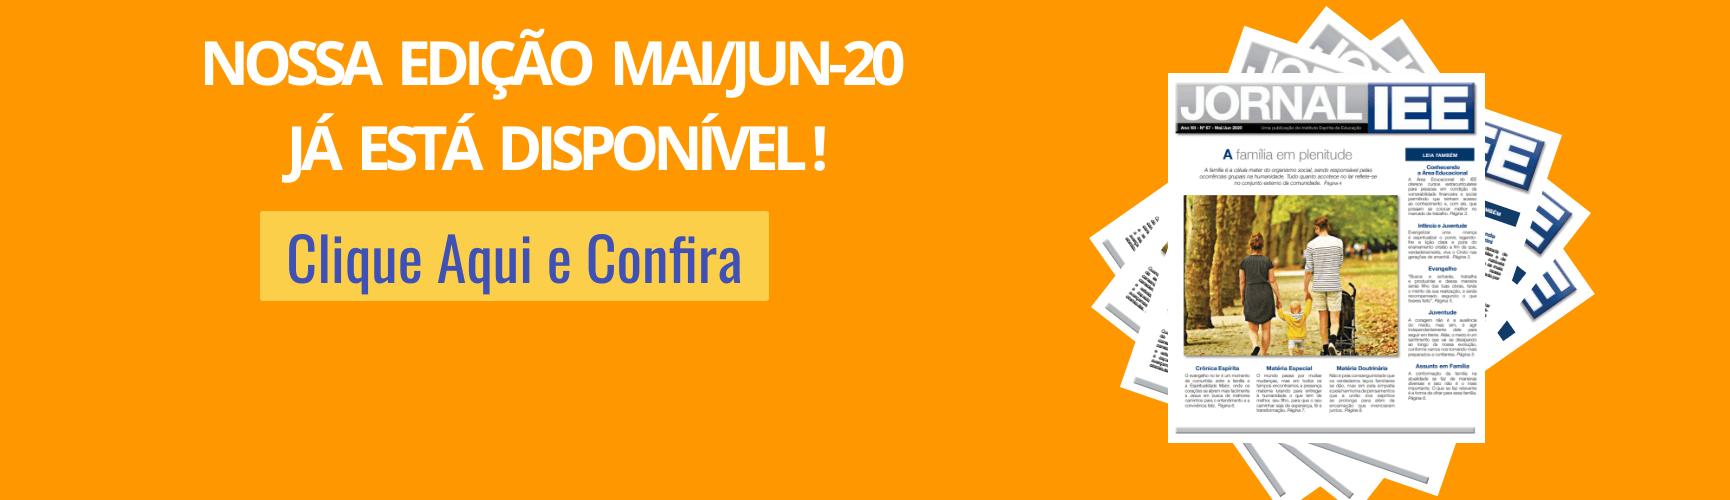 Copy of JornalBanner (1)